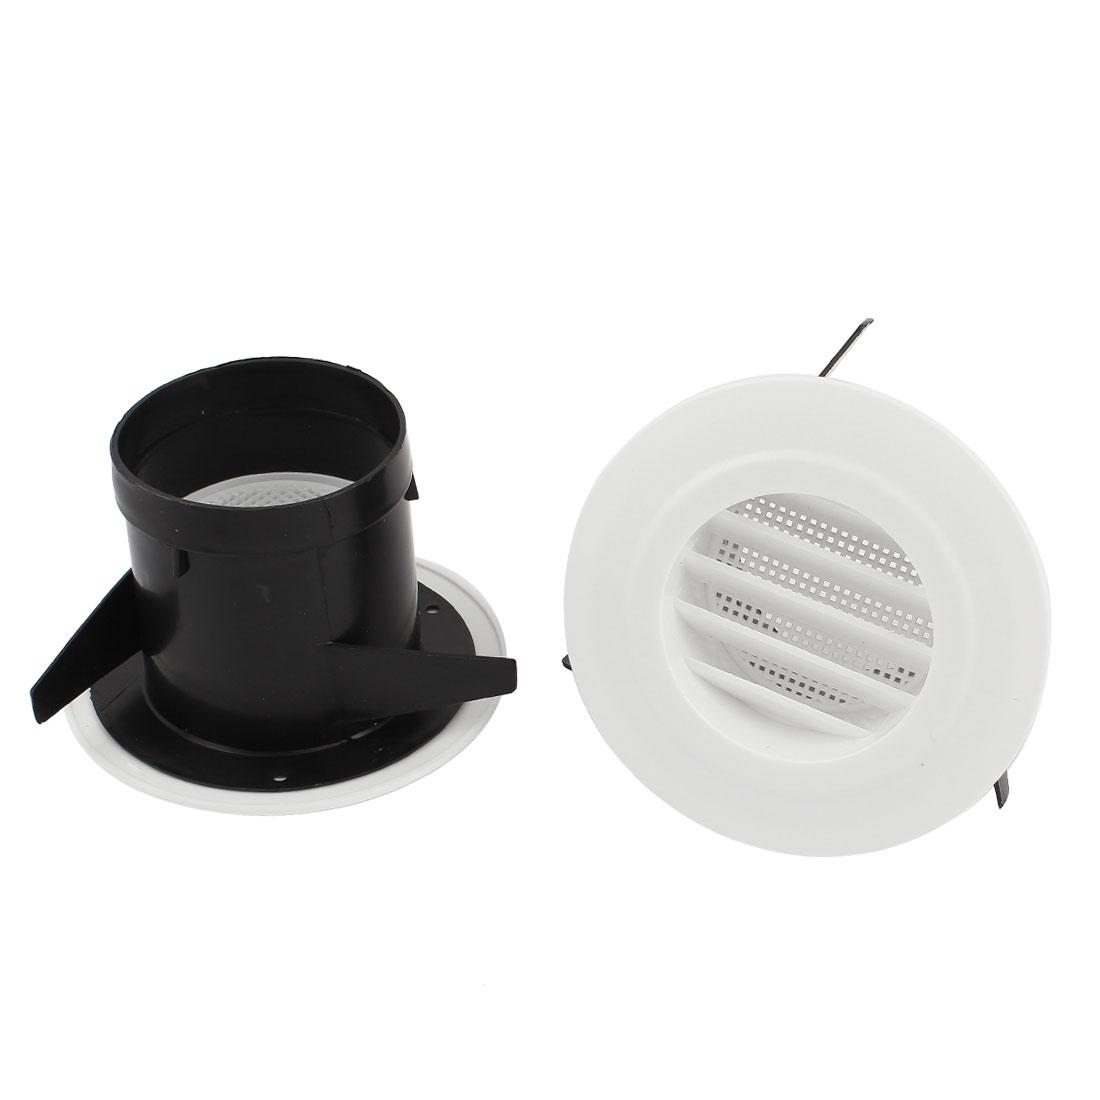 2pcs Black White Plastic 75mm Outer Dia Oblique Air Grilles Vent Valve